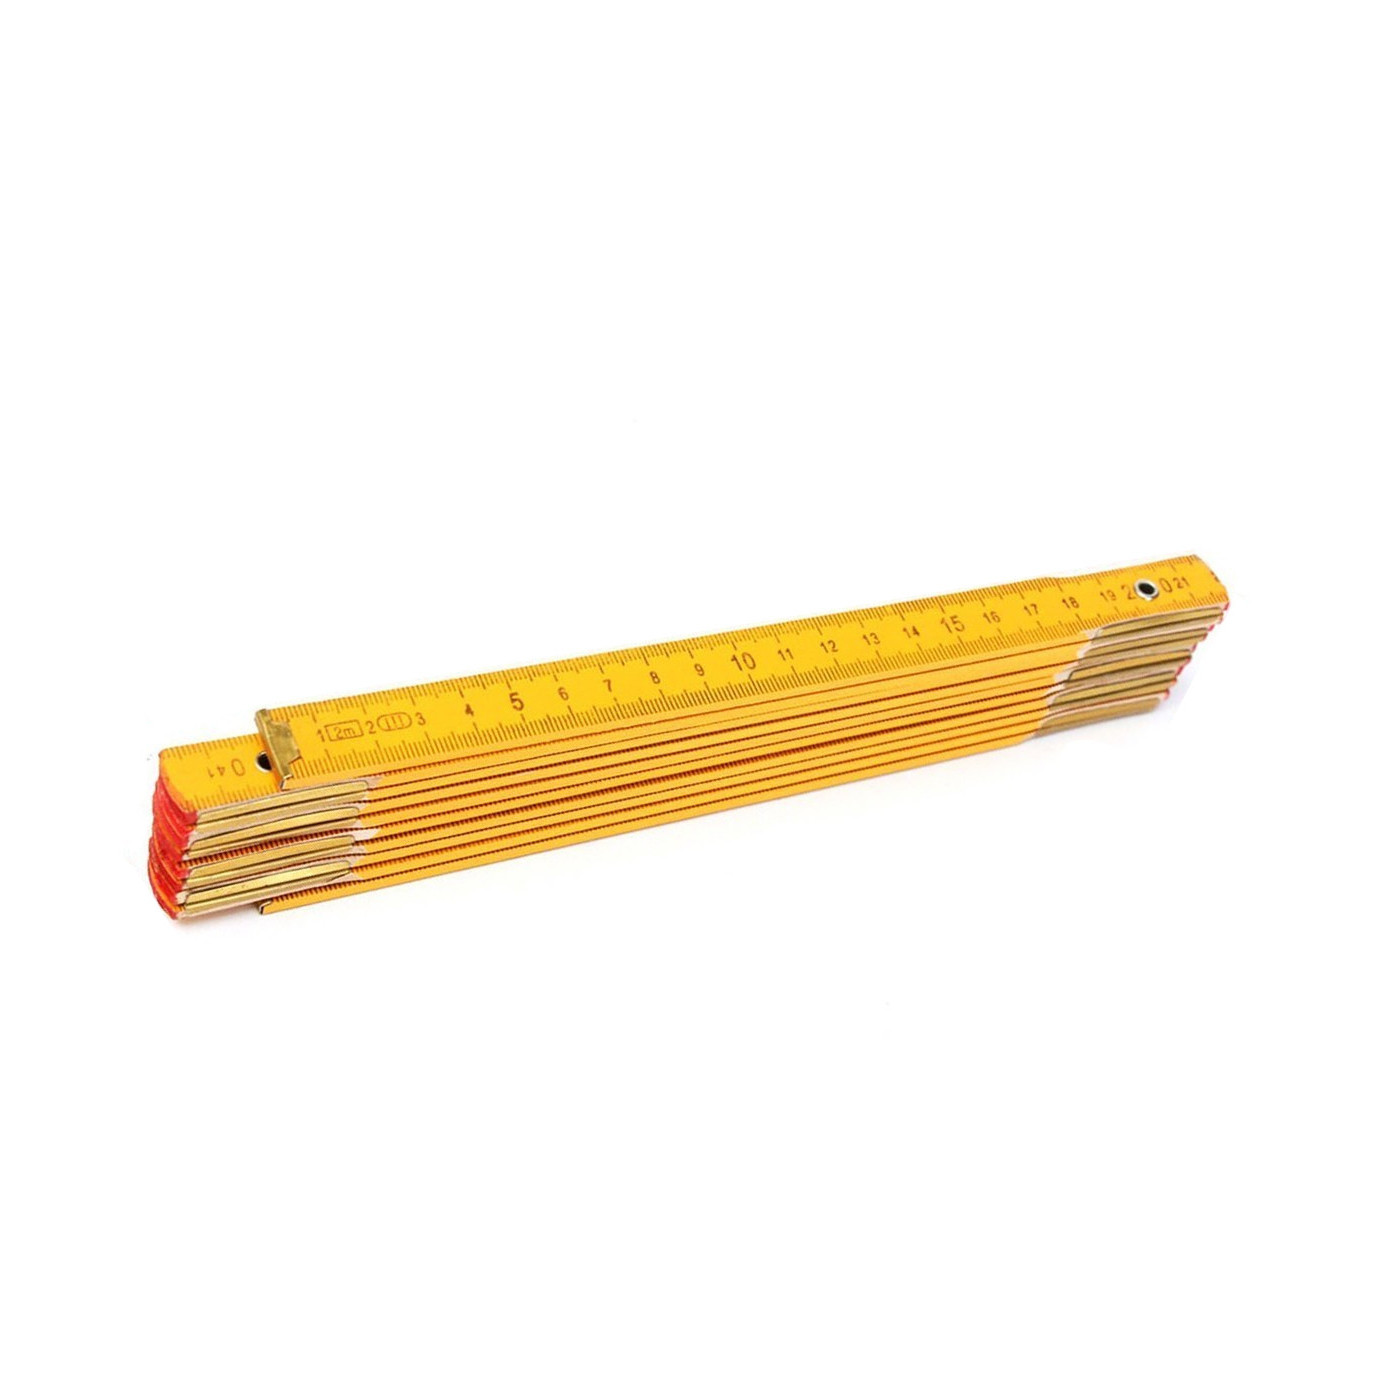 Duimstok hout, opvouwbaar, 2 meter  - 1